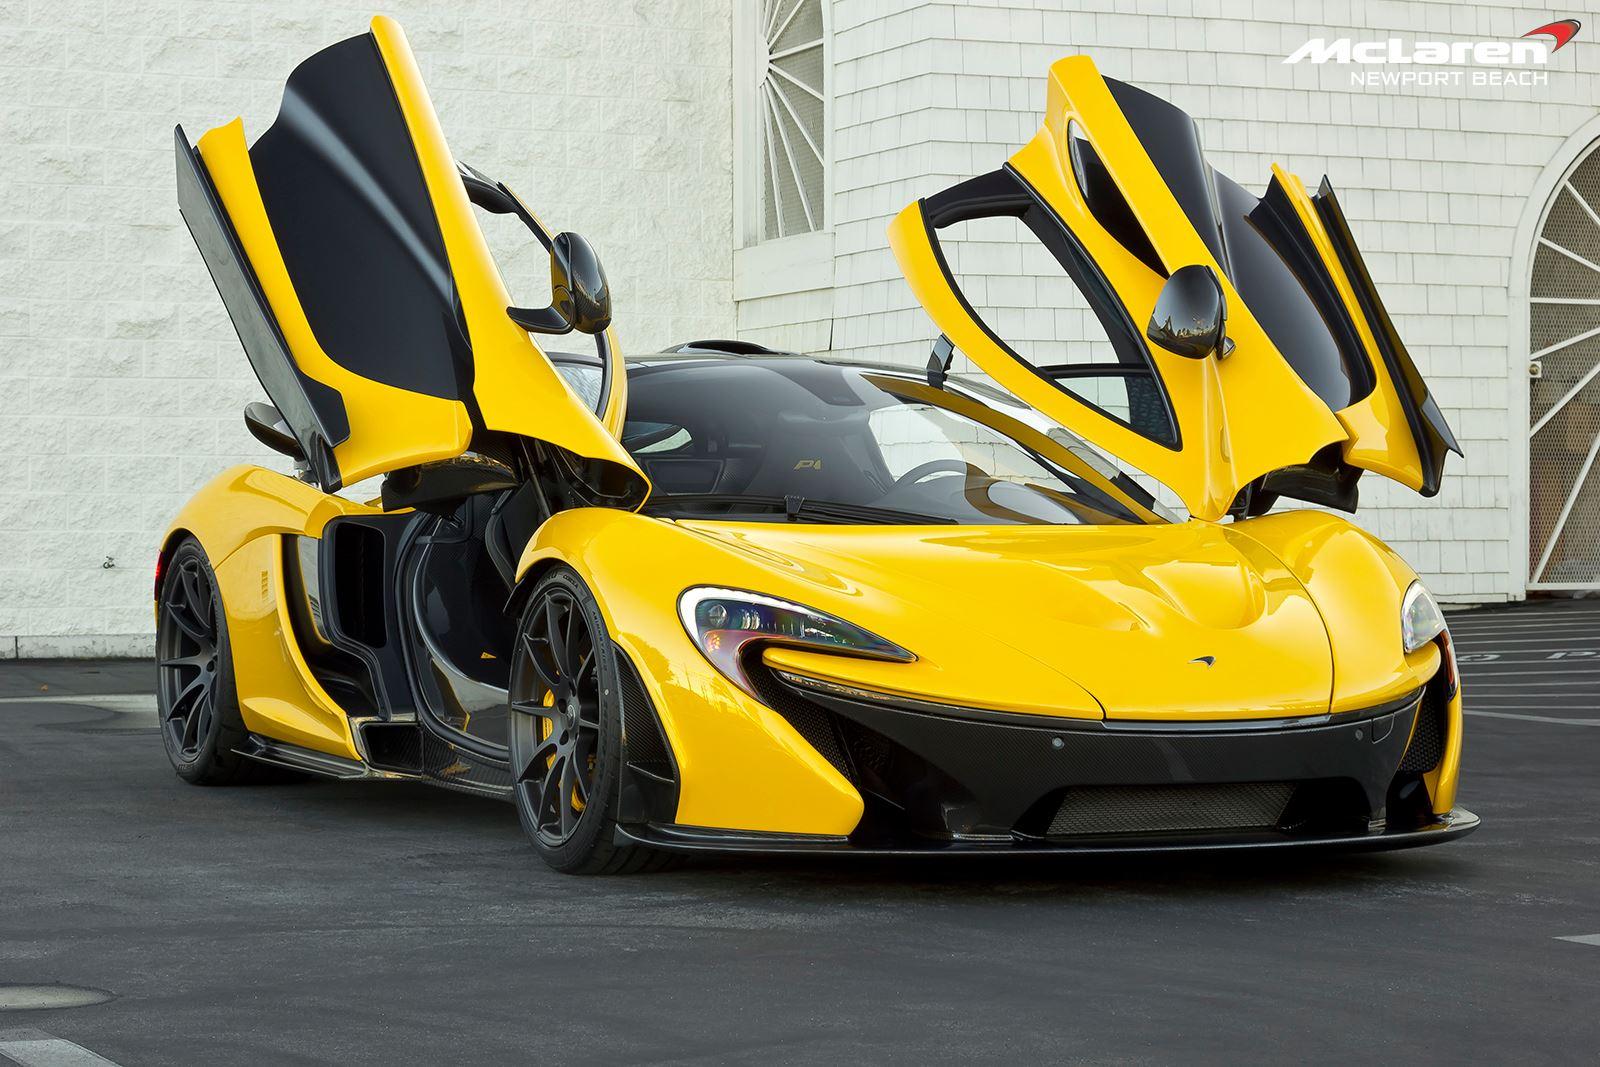 Gallery Volcano Yellow Mclaren P1 Chassis No 204 Gtspirit